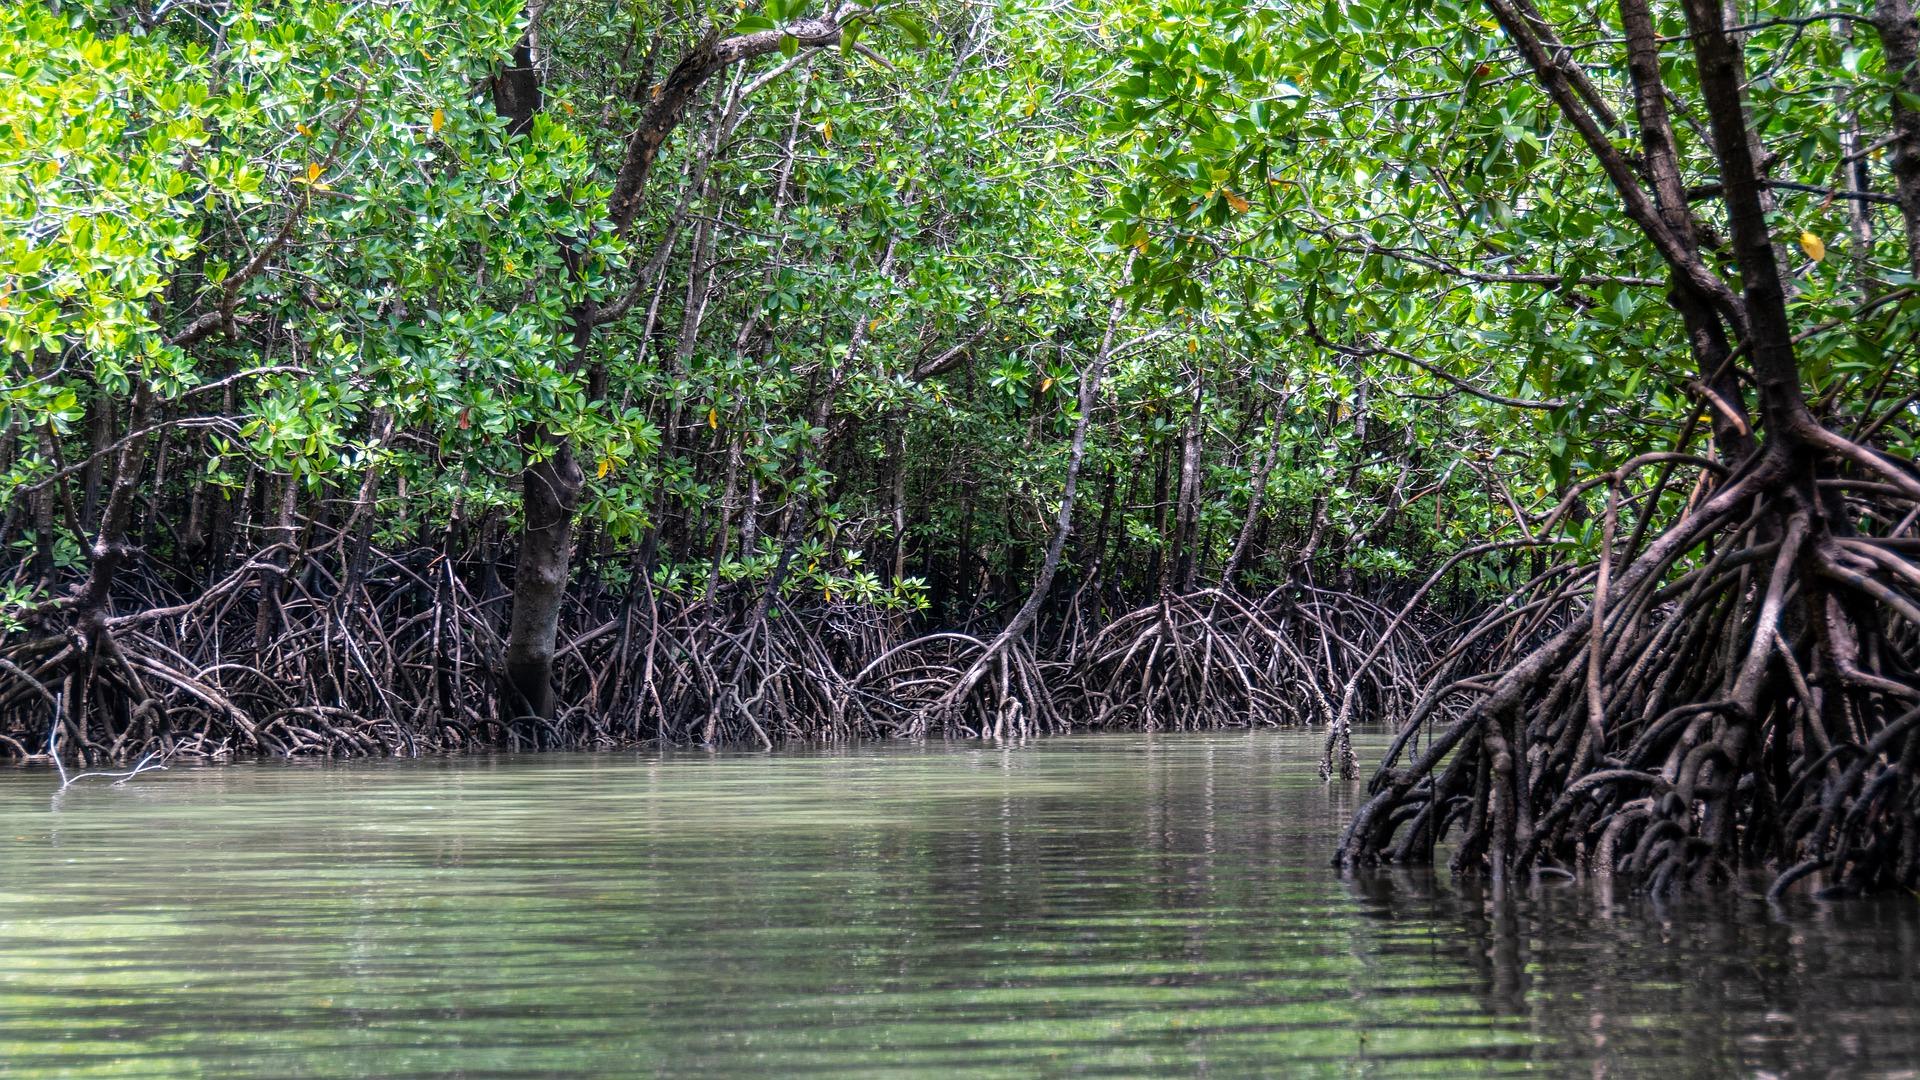 L'UICN donne un avis positif sur le projet de Stratégie nationale des aires protégées pour un cadre commun pour l'hexagone et les Outre-mer